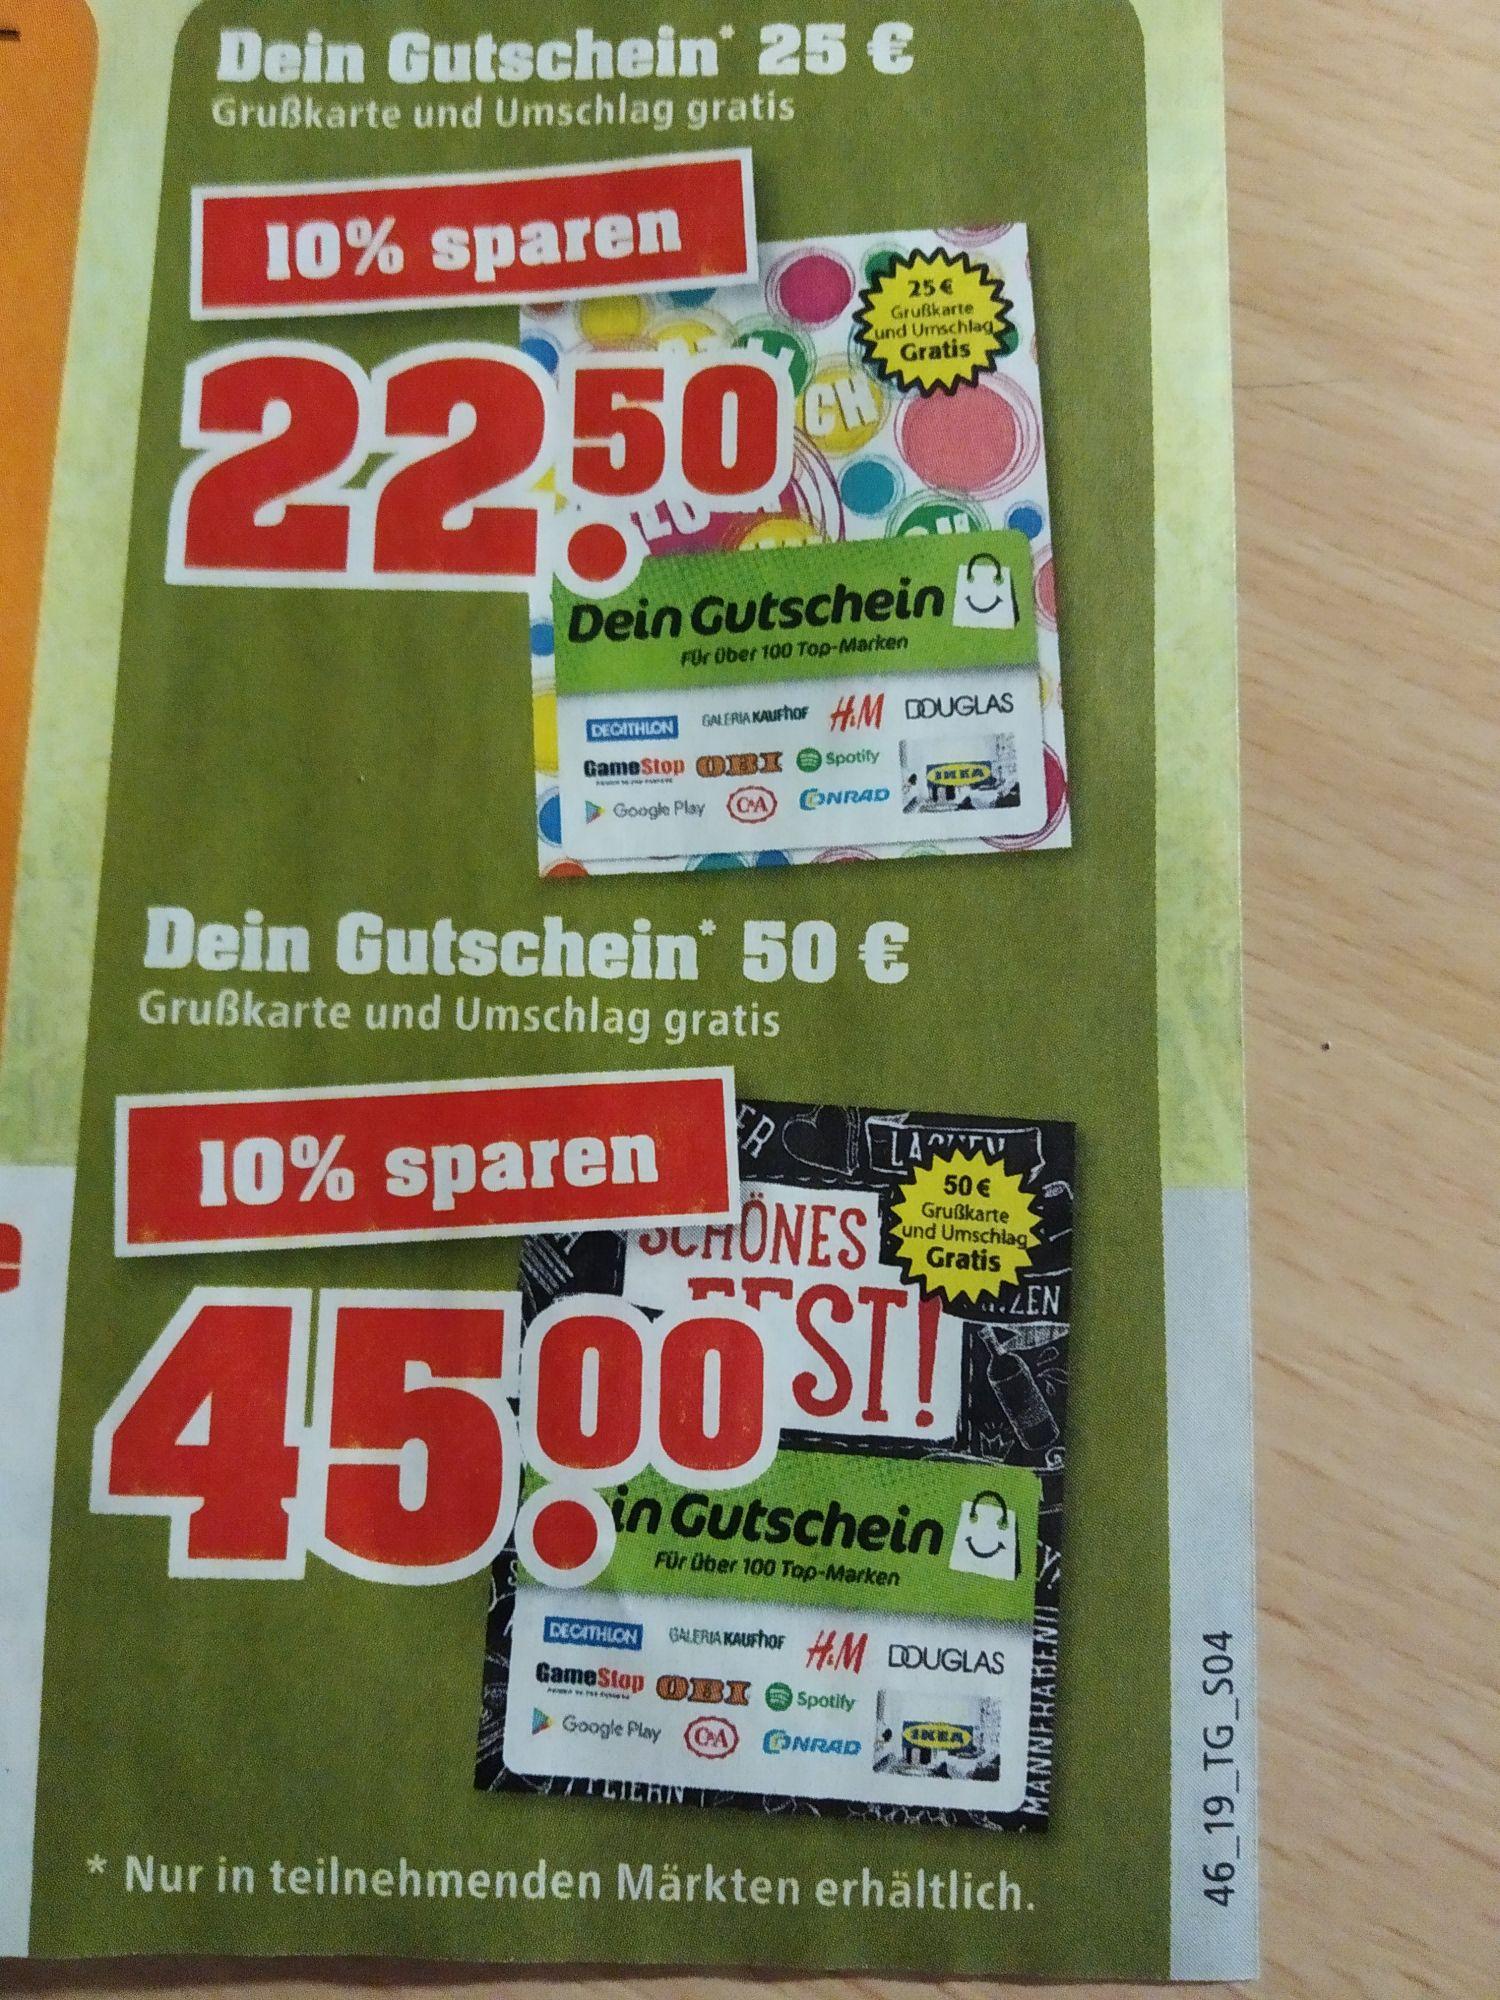 Dein Gutschein 10% Ersparnis bei trinkgut. Z.B. für Media Markt, Saturn, Eventim, Cinemaxx, Reifen.com, Karstadt, Obi